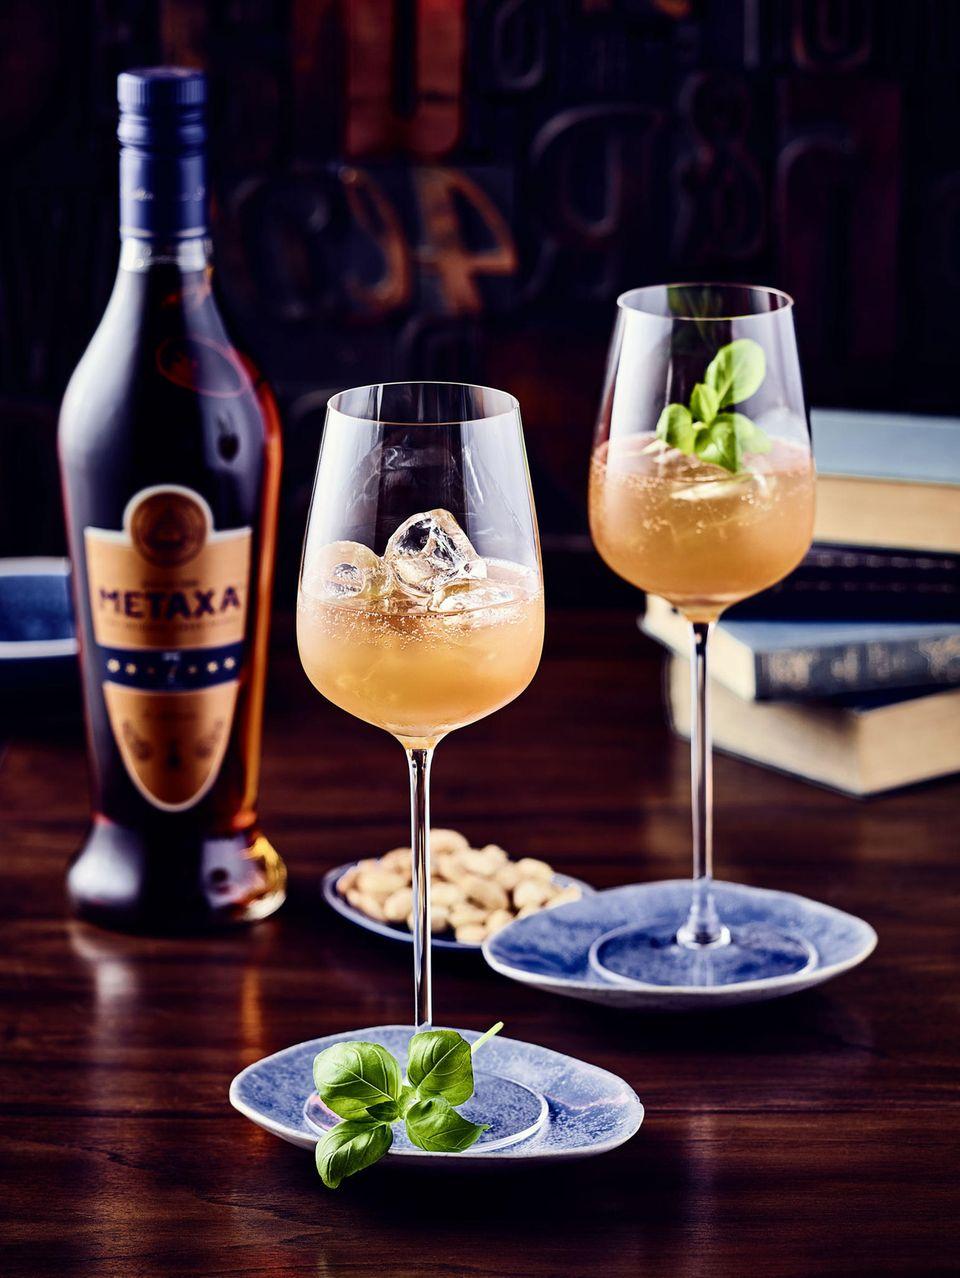 Mit Metaxa kann man auch einen Spritz-Cocktail zubereiten